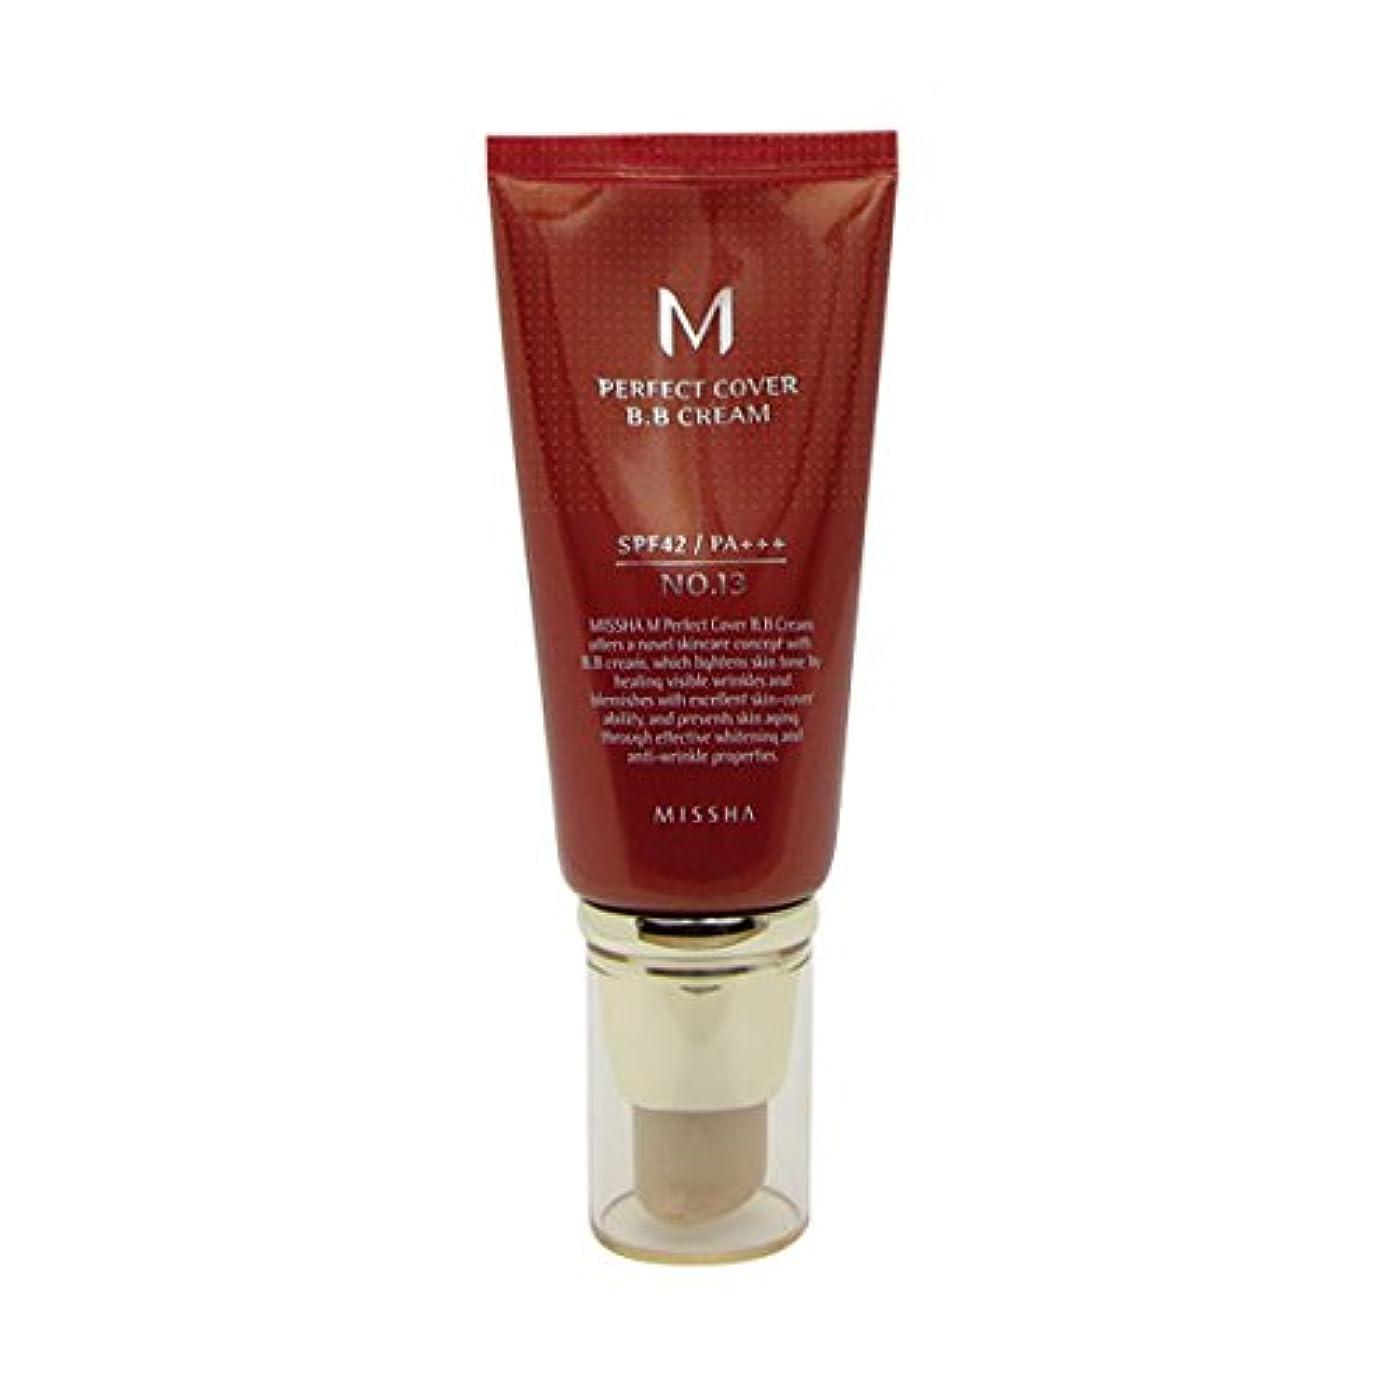 屋内でストロークもちろんMissha M Perfect Cover Bb Cream Spf42/pa+++ No.13 Bright Beige 50ml [並行輸入品]